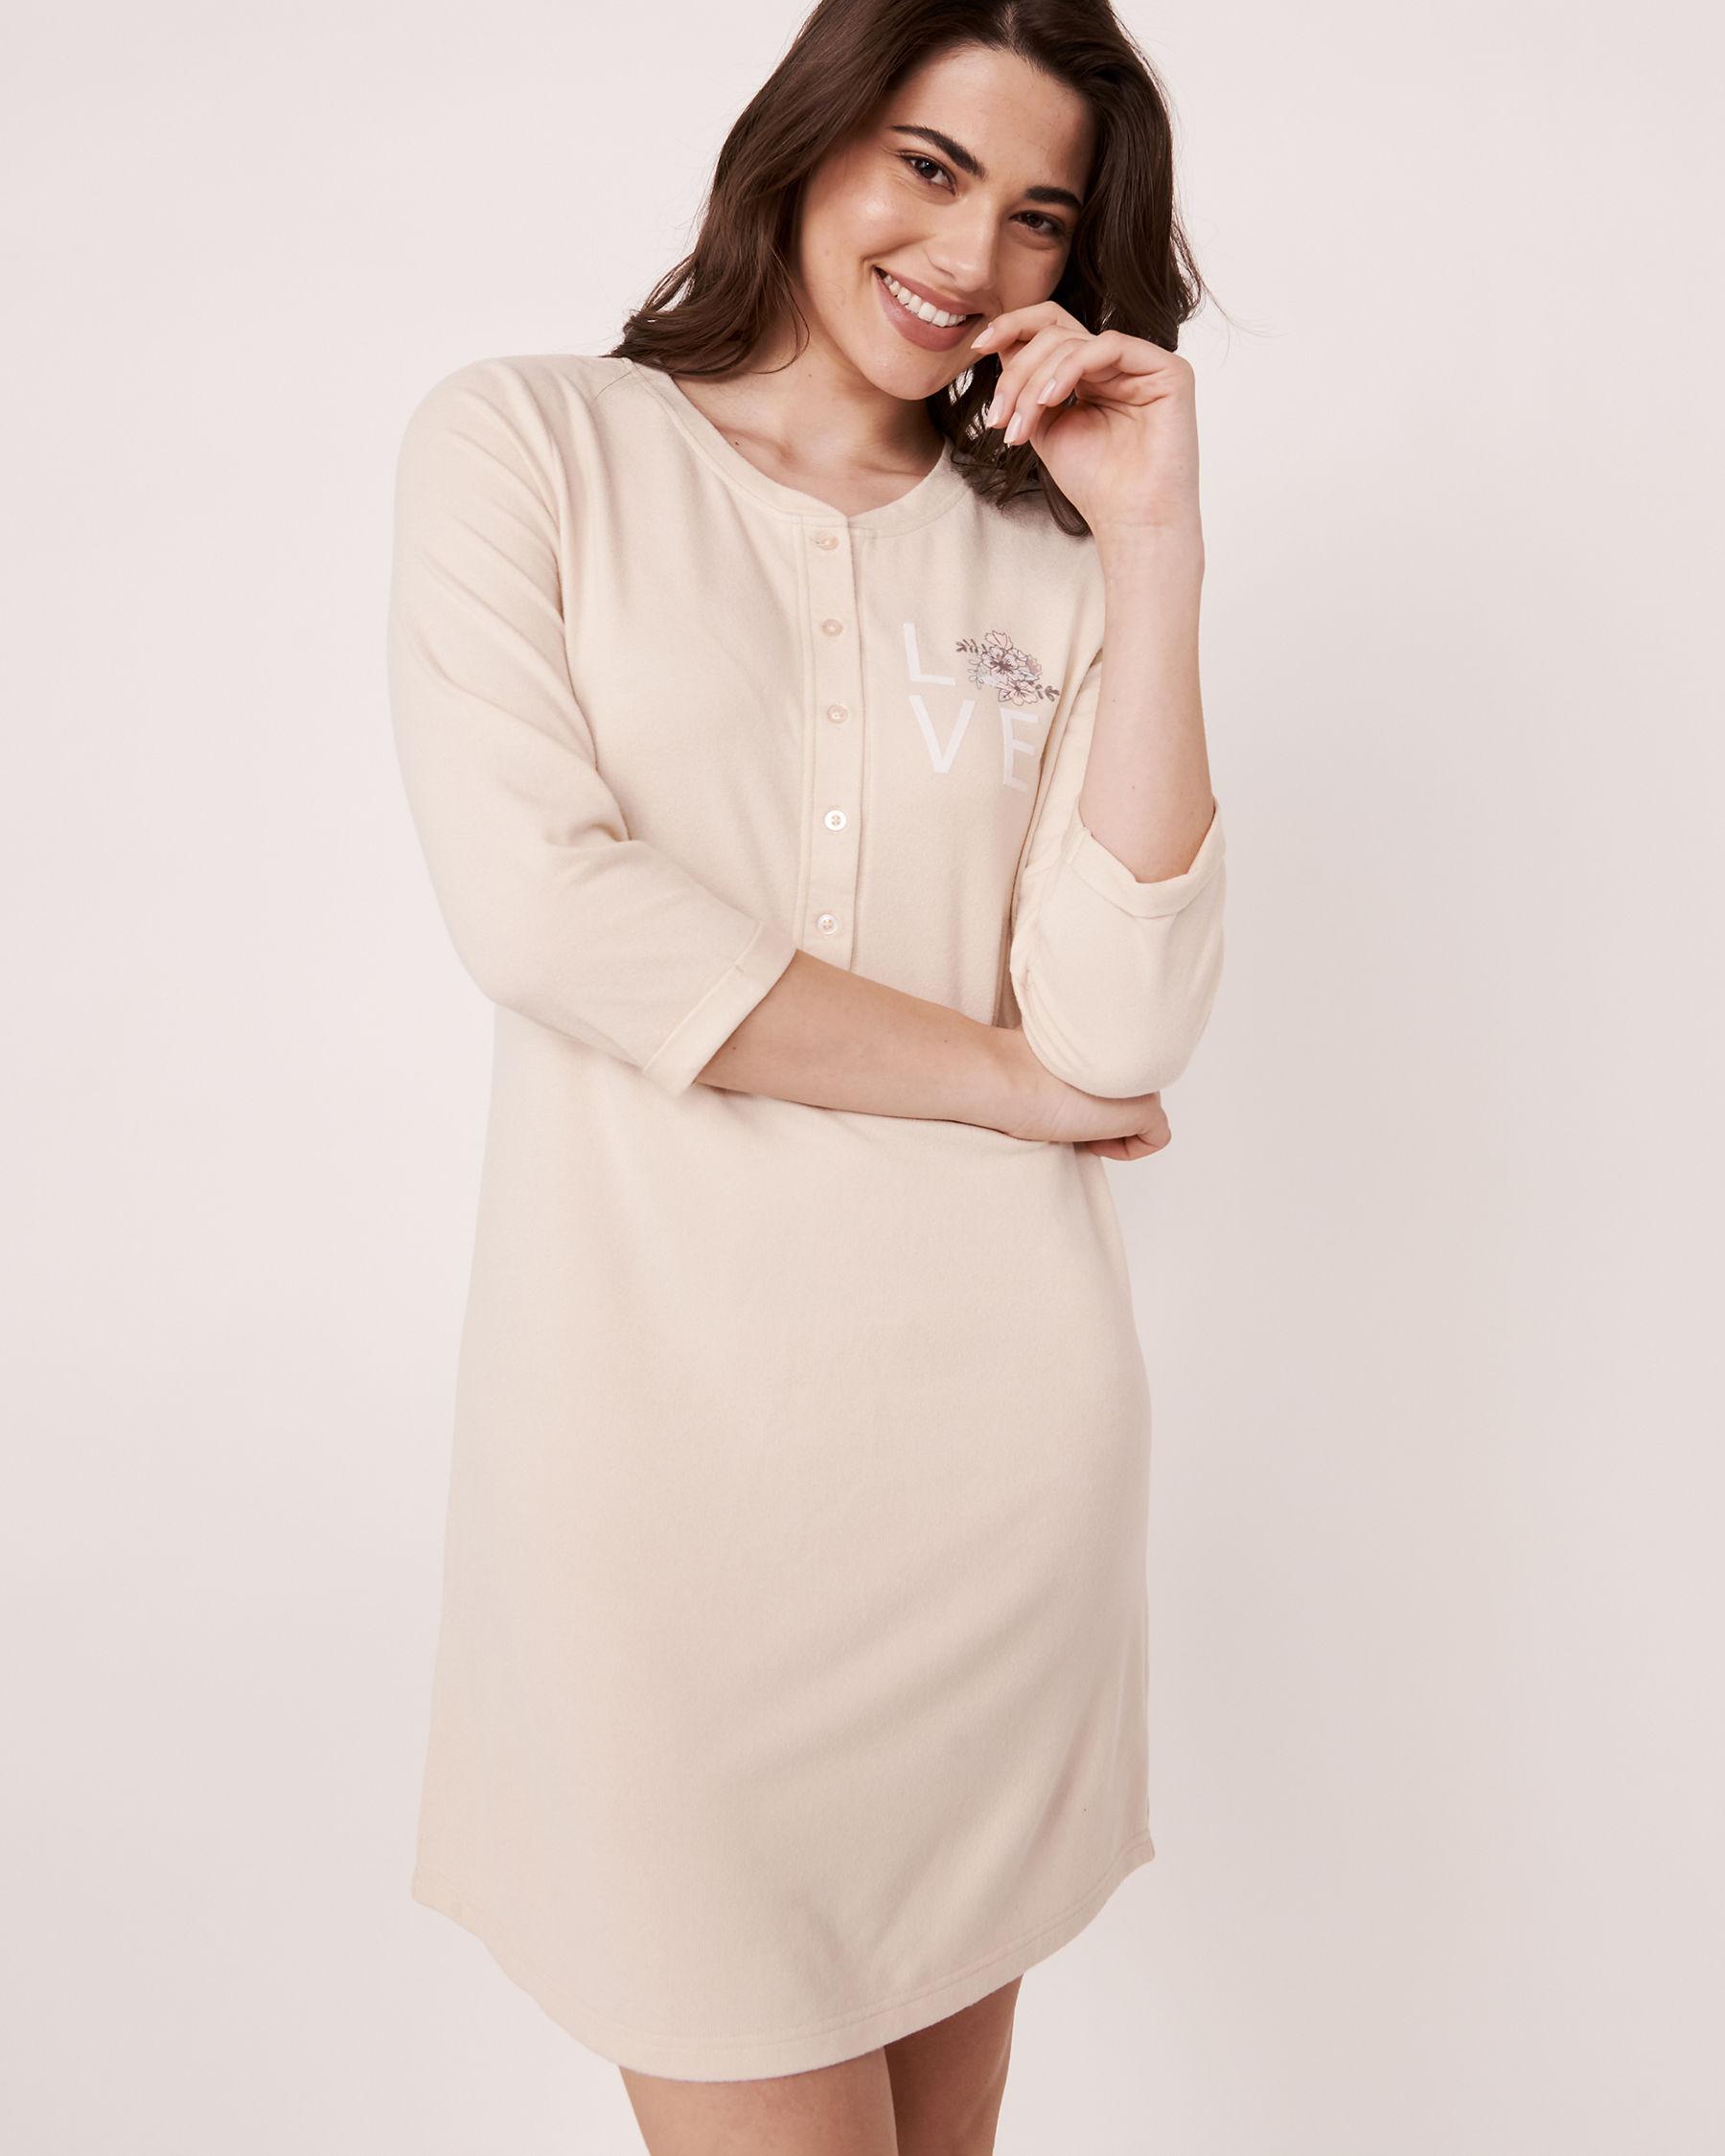 LA VIE EN ROSE Recycled Fibers 3/4 Sleeve Sleepshirt Grey mix 40500090 - View1